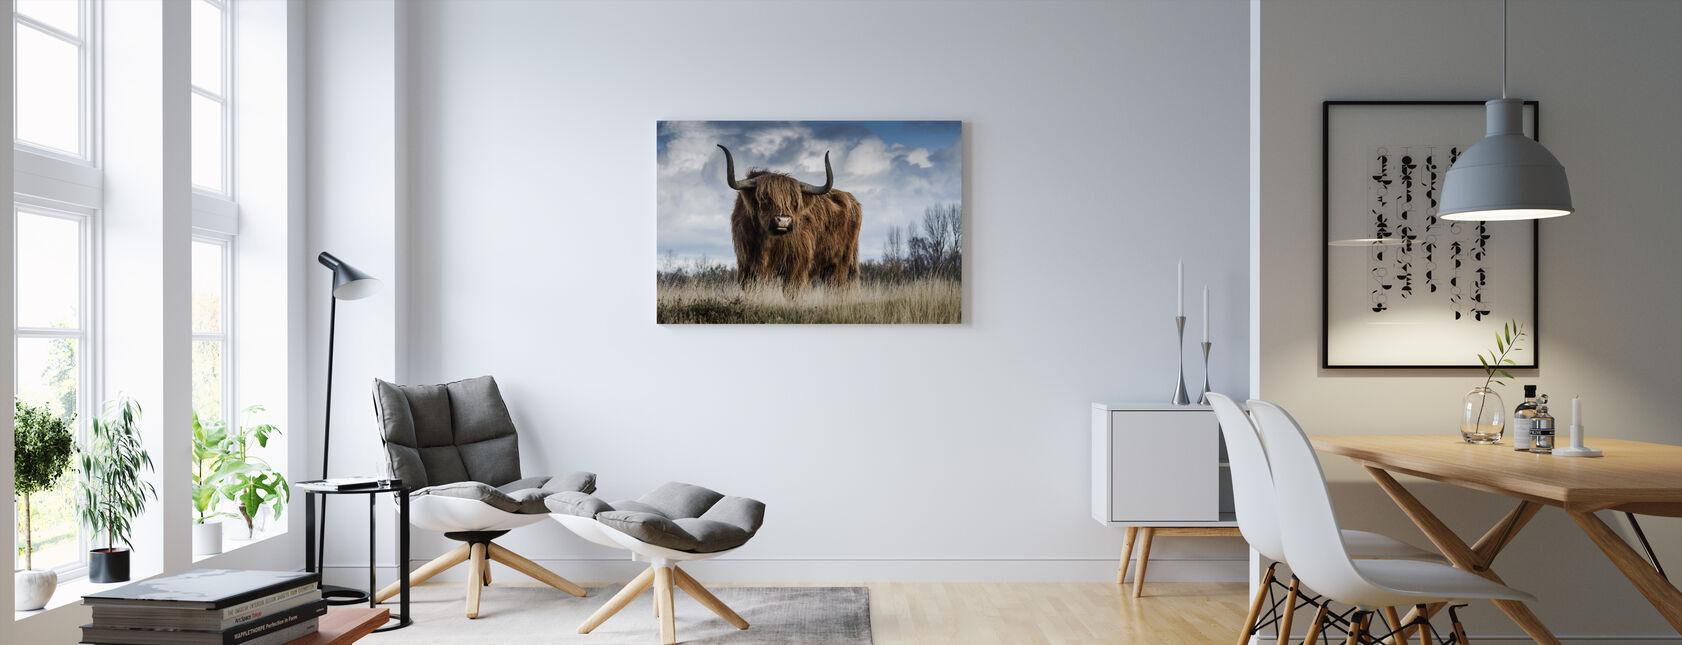 Tjur på ängen - Canvastavla - Vardagsrum